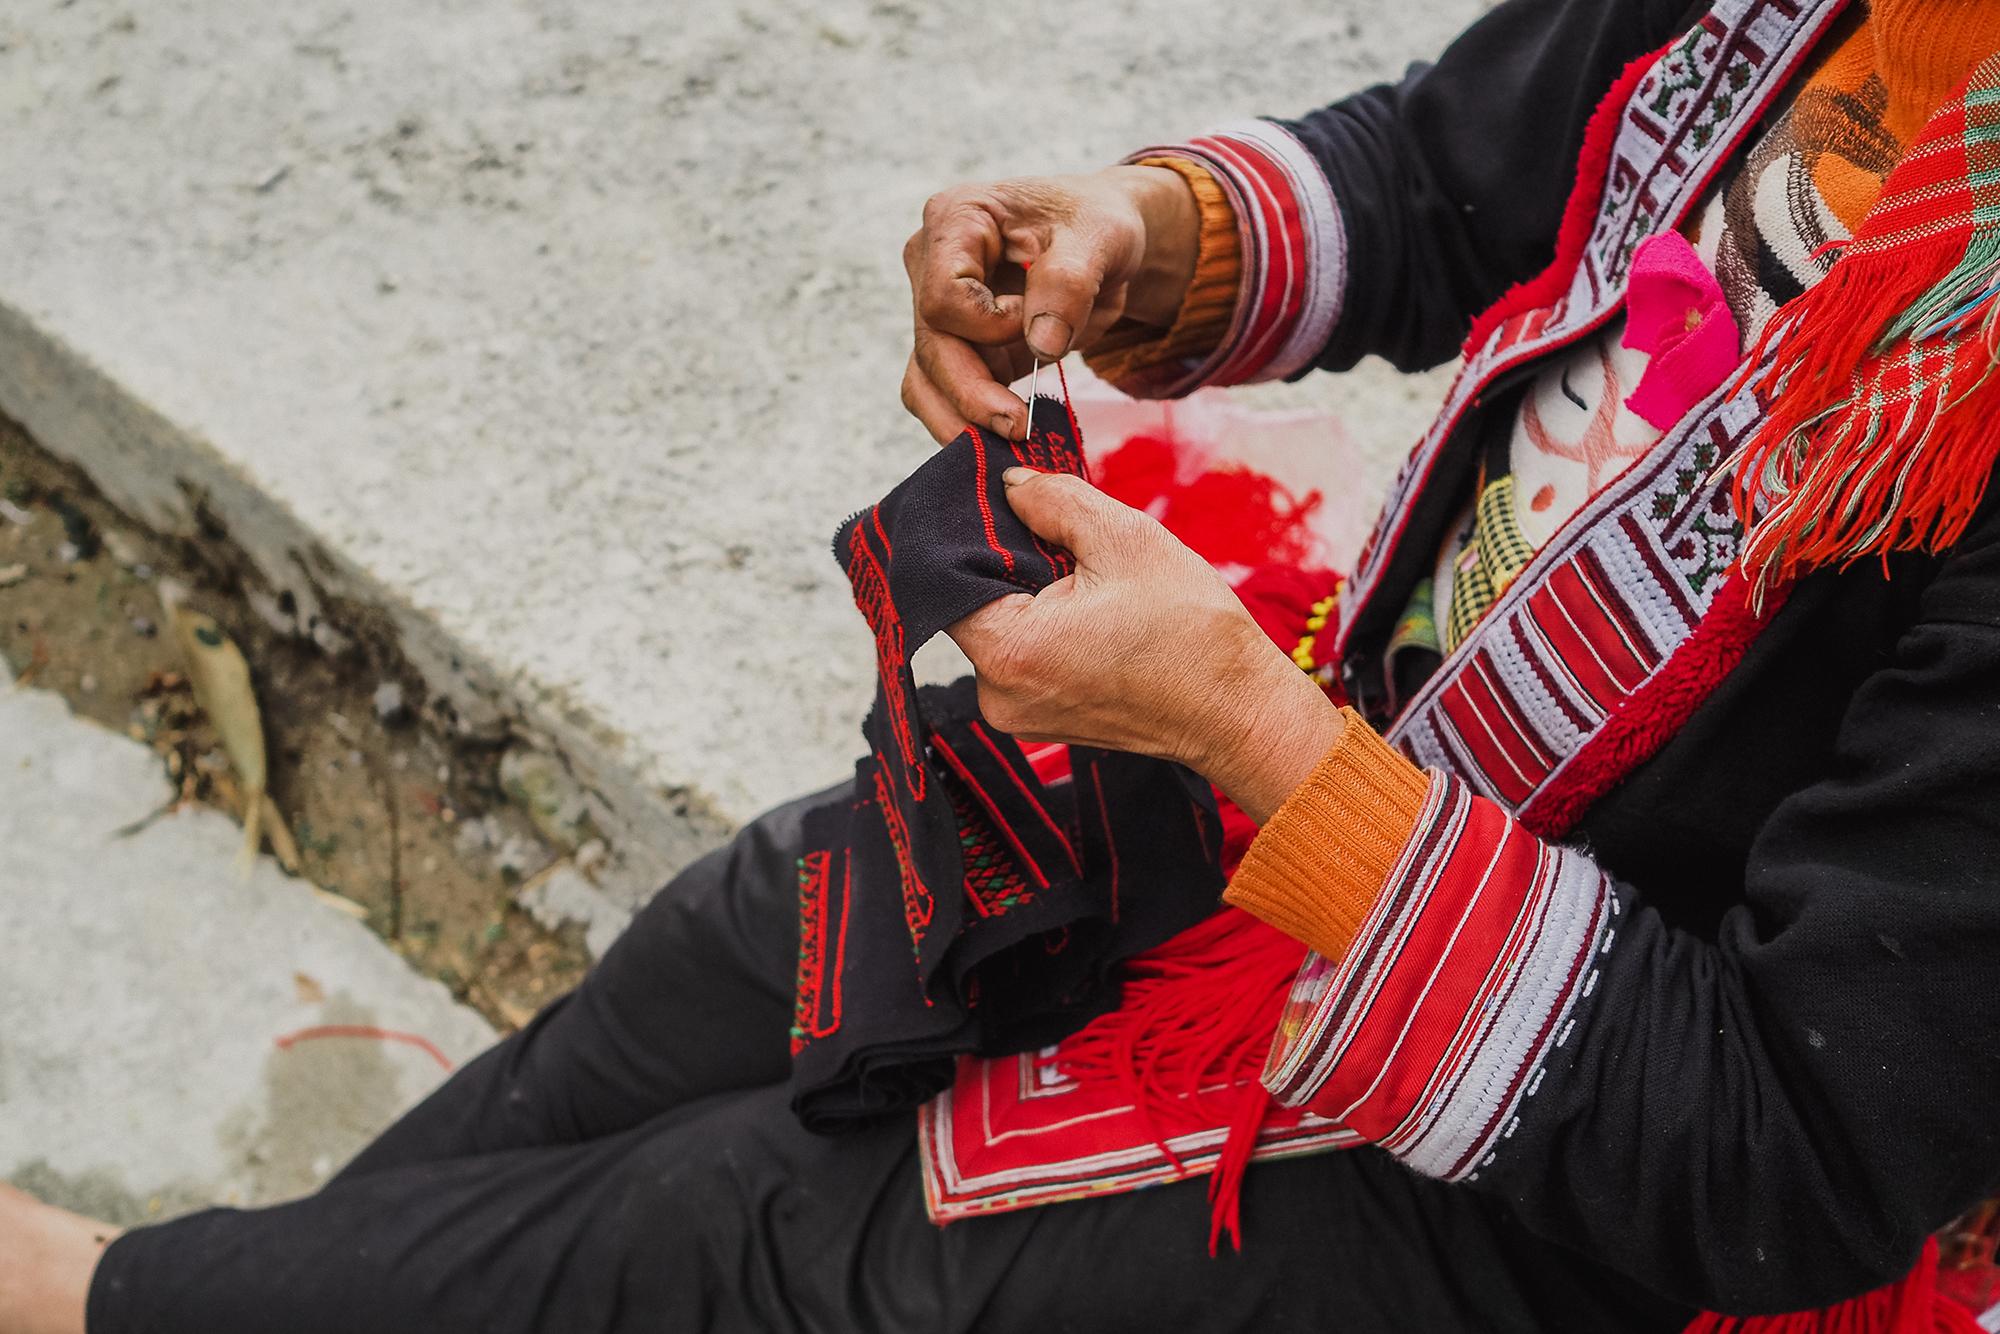 Brodeuse sur le bord de la route - montagne du Nord vietnam